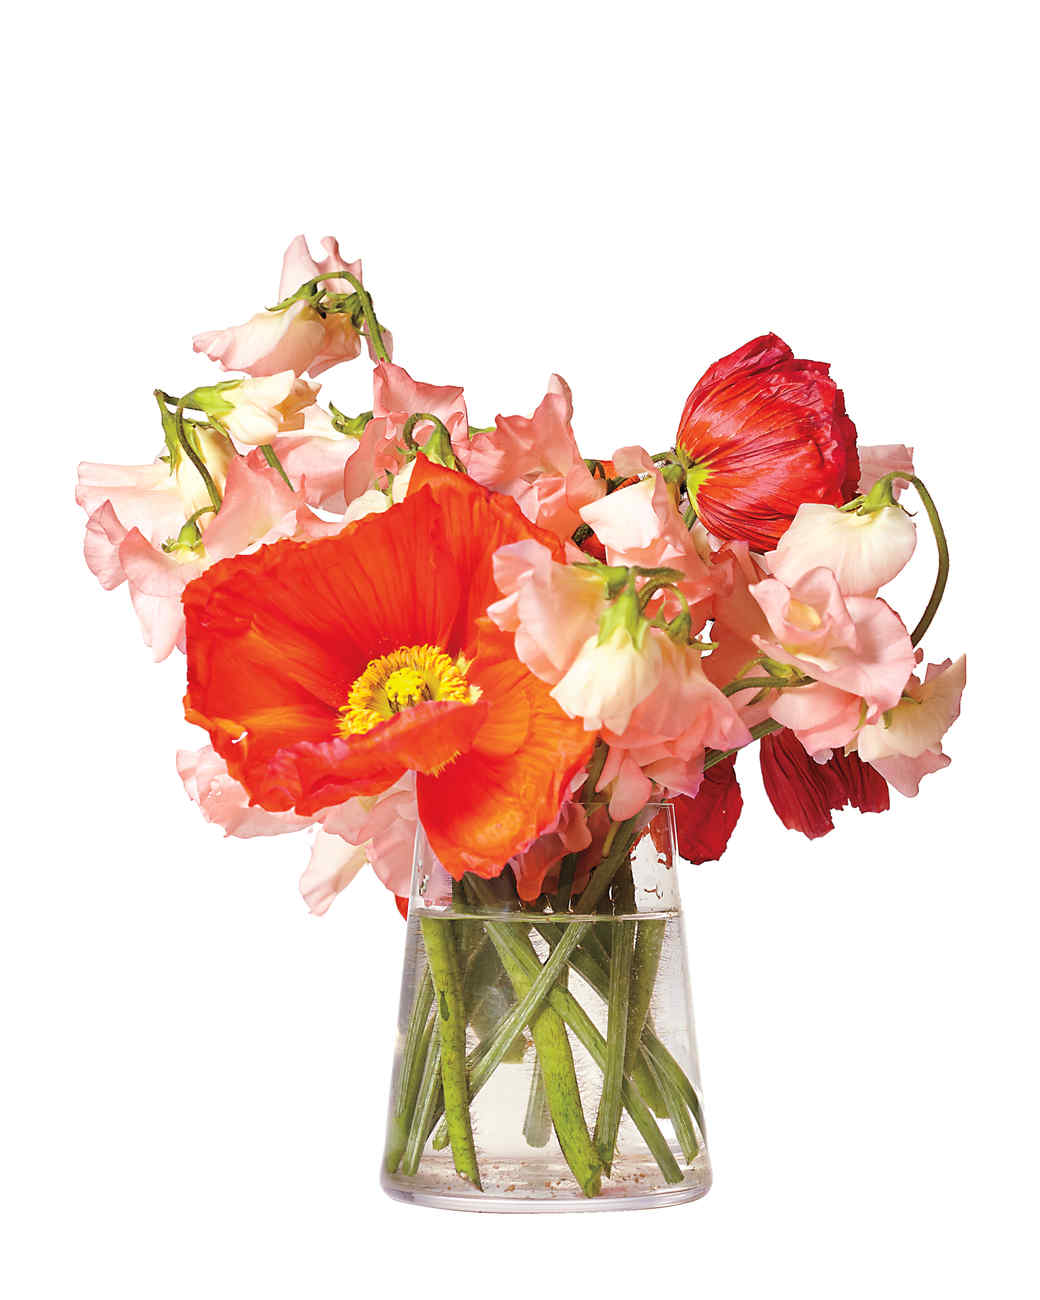 poppies-flowers-sweet-peas-342-d111021.jpg